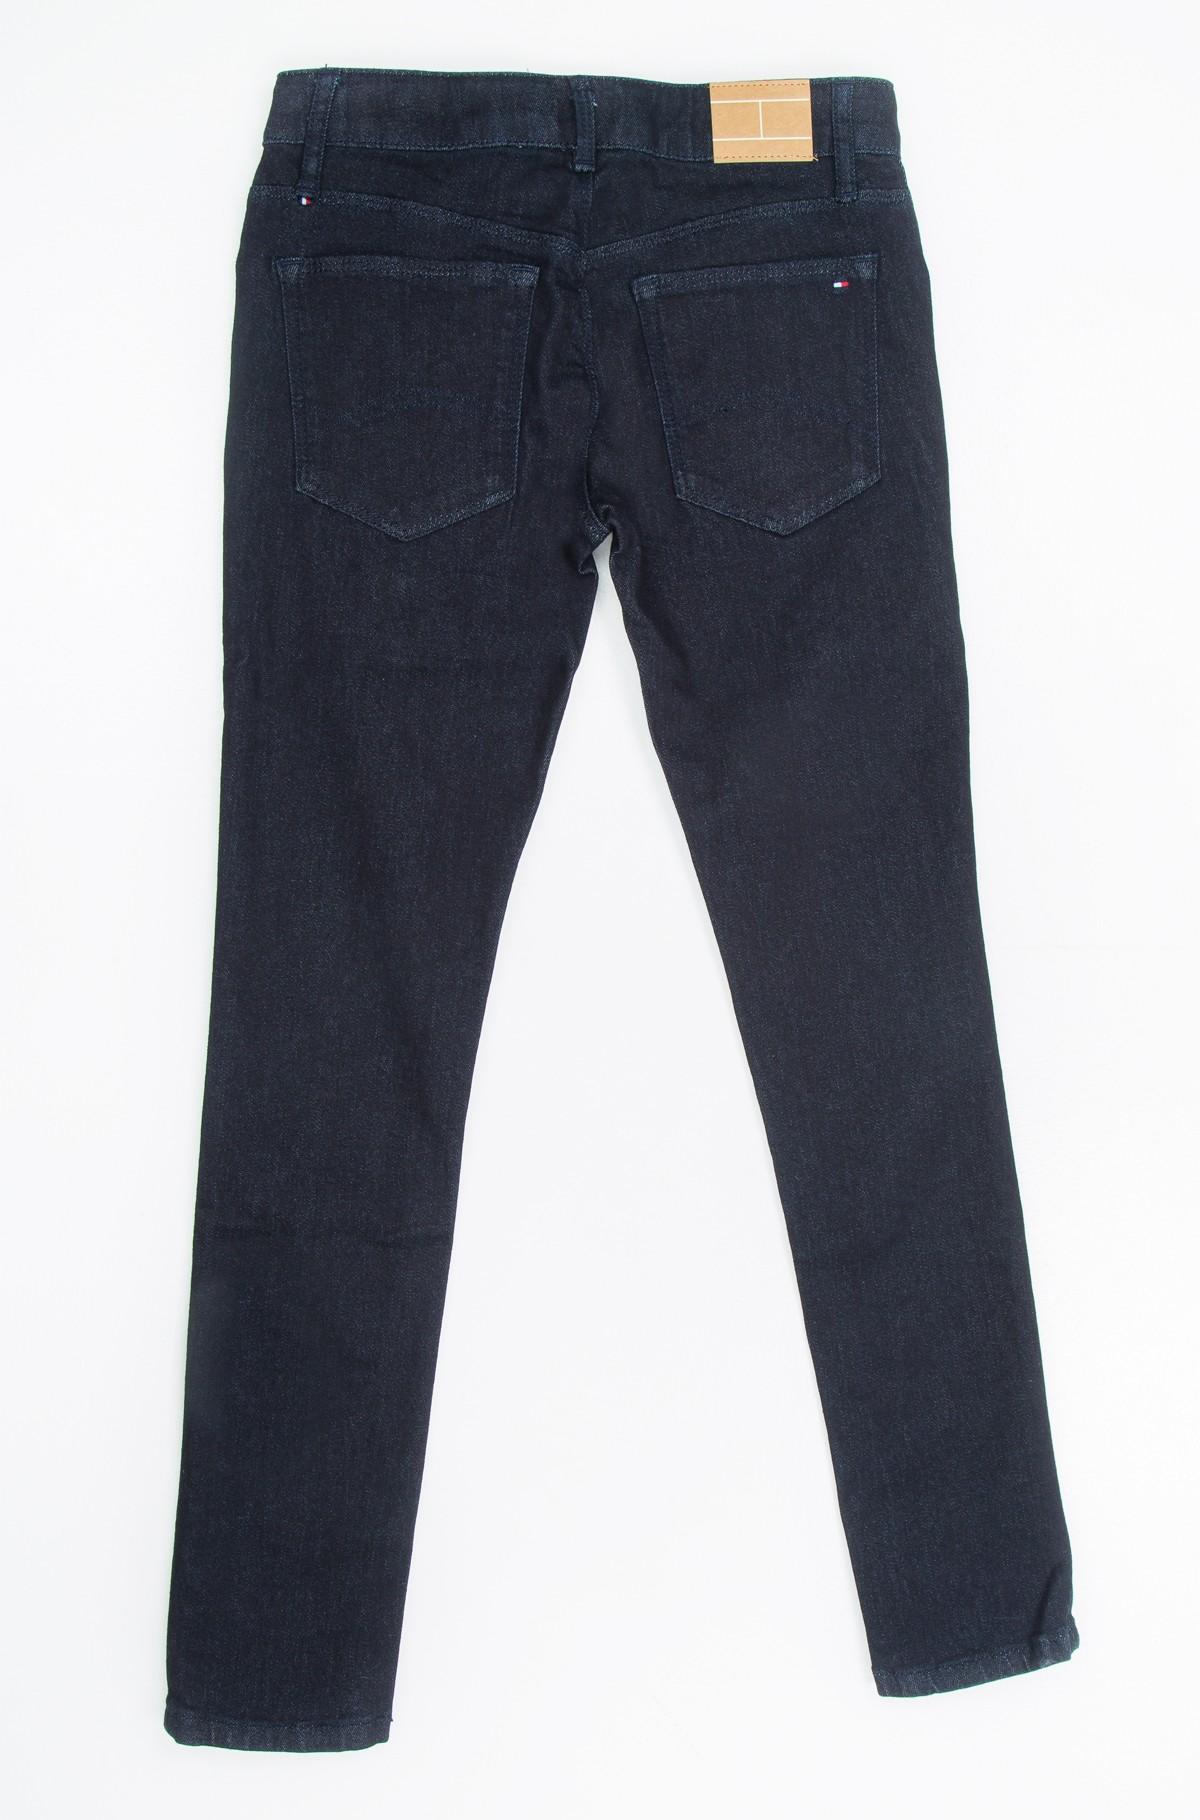 Vaikiškos džinsinės kelnės NORA RR SKINNY NRSTR-full-2